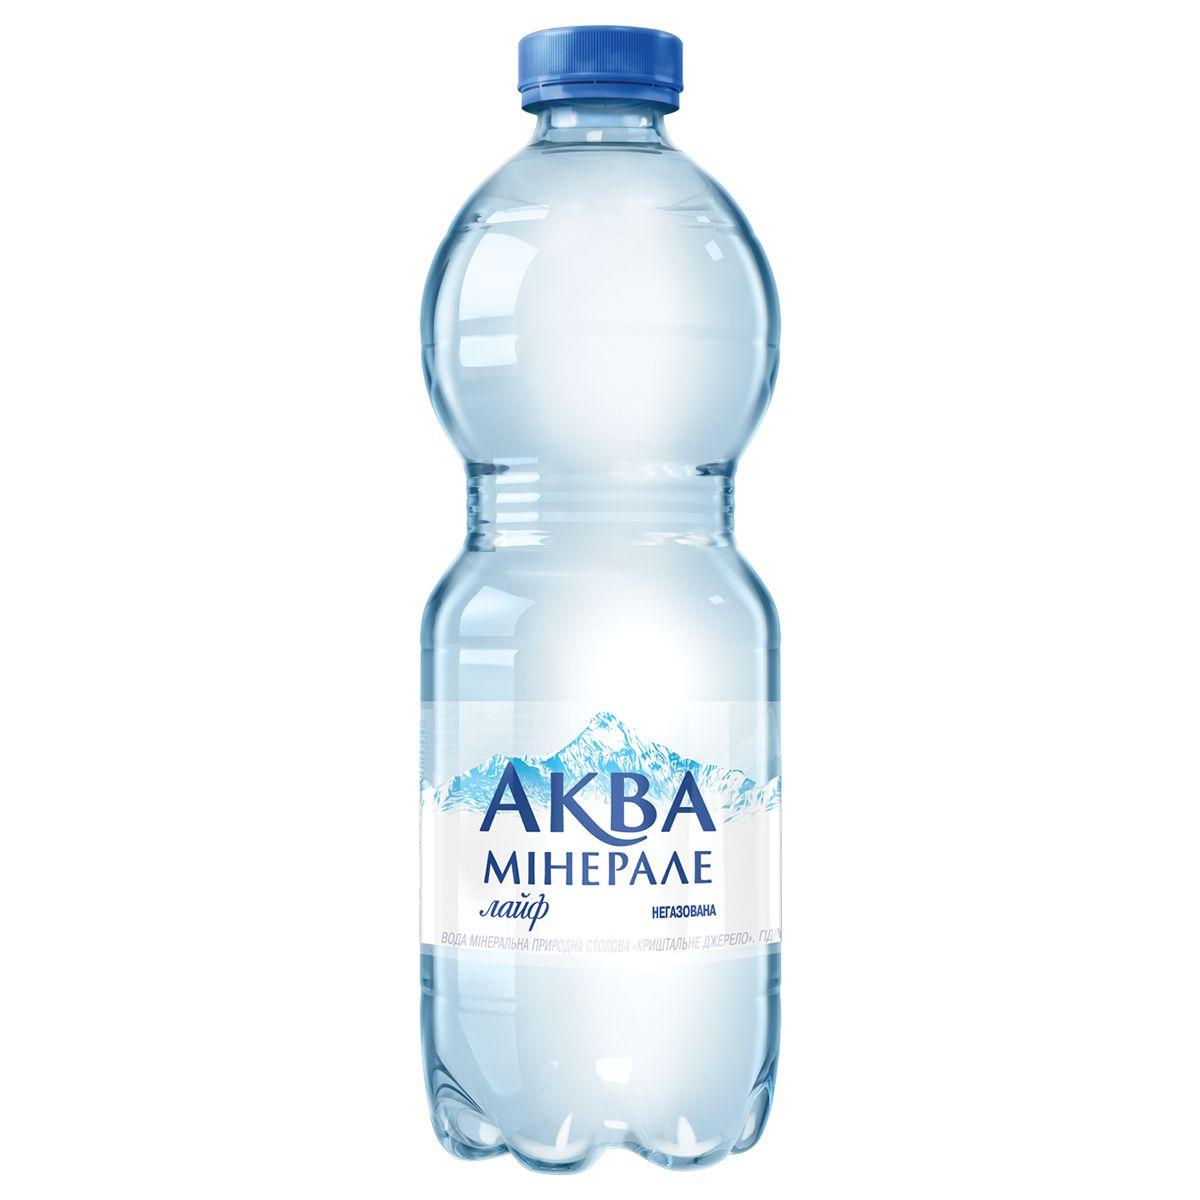 Aqua Minerale н/газ фото 1